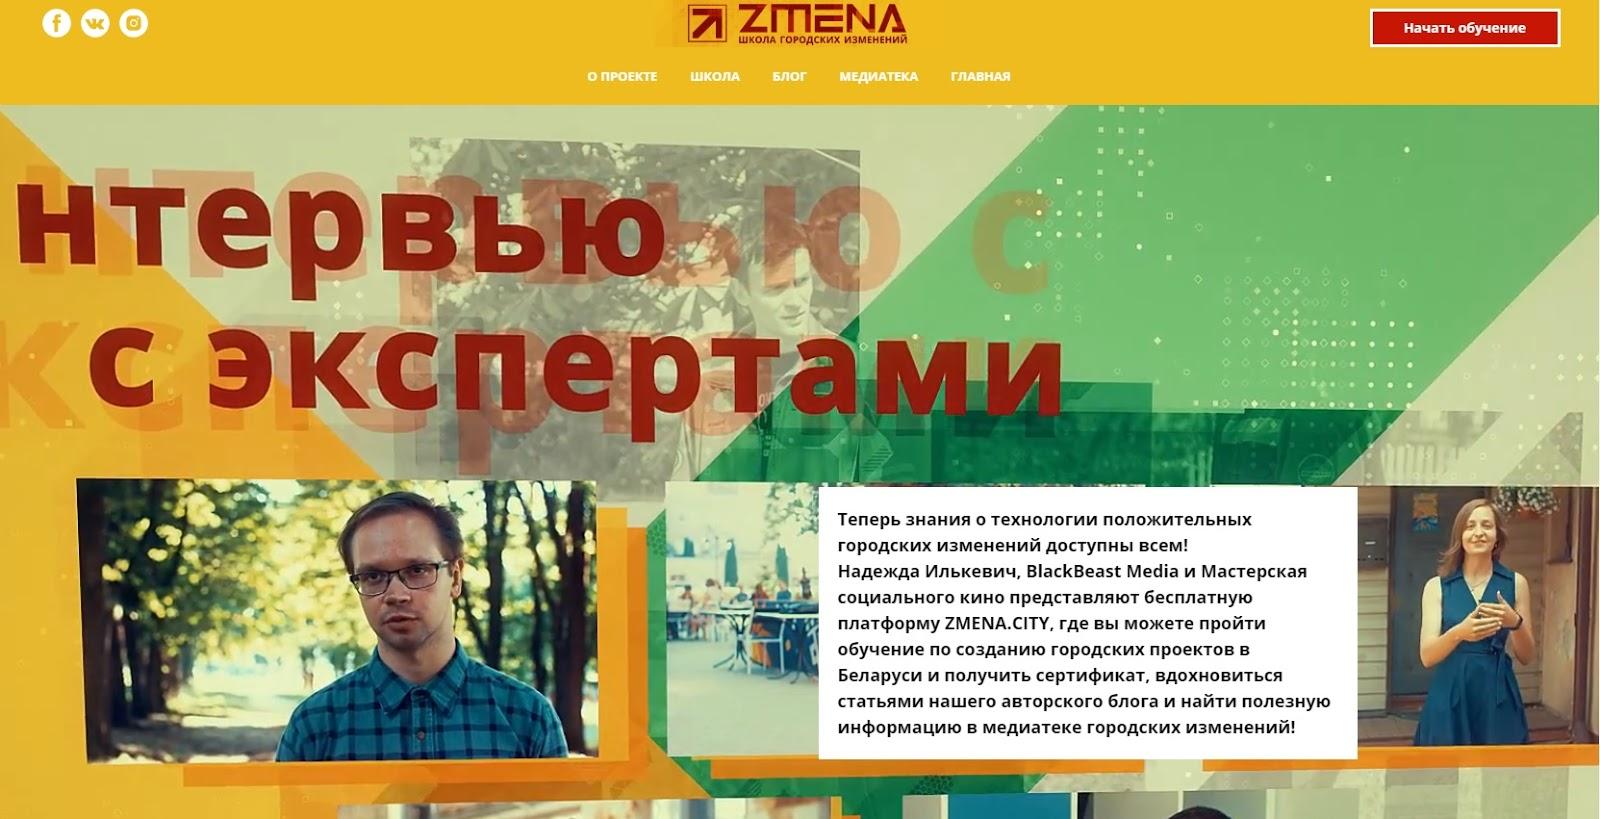 Получить сертификат обучения бесплатно заочное обучение в москве высшее образование